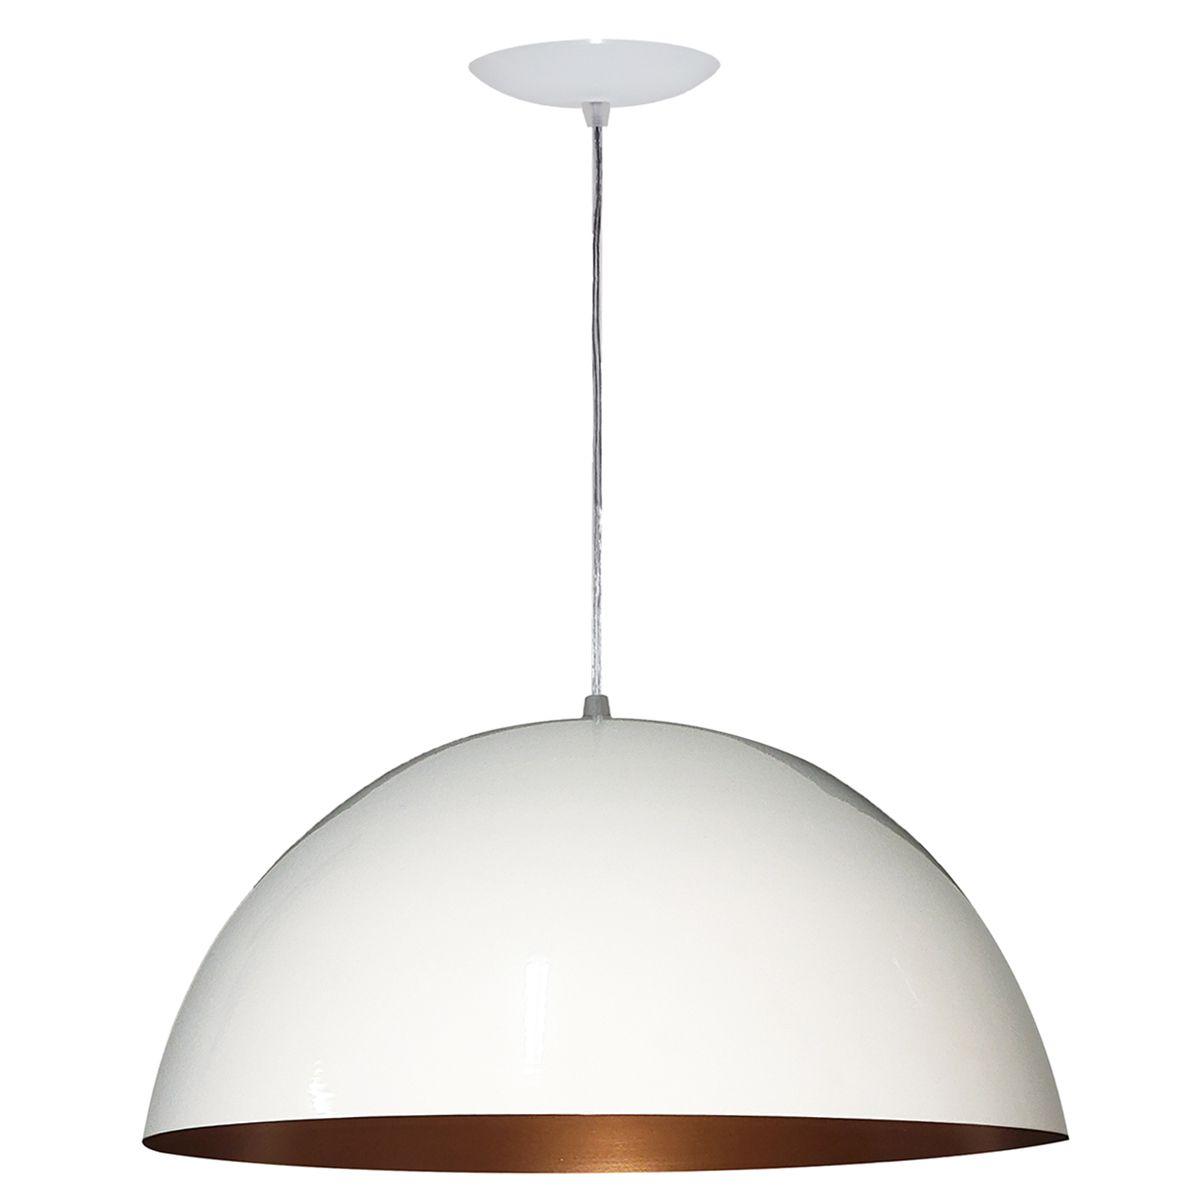 Luminária Decorativa Meia Esfera 40 Branco/Cobre  Pendente